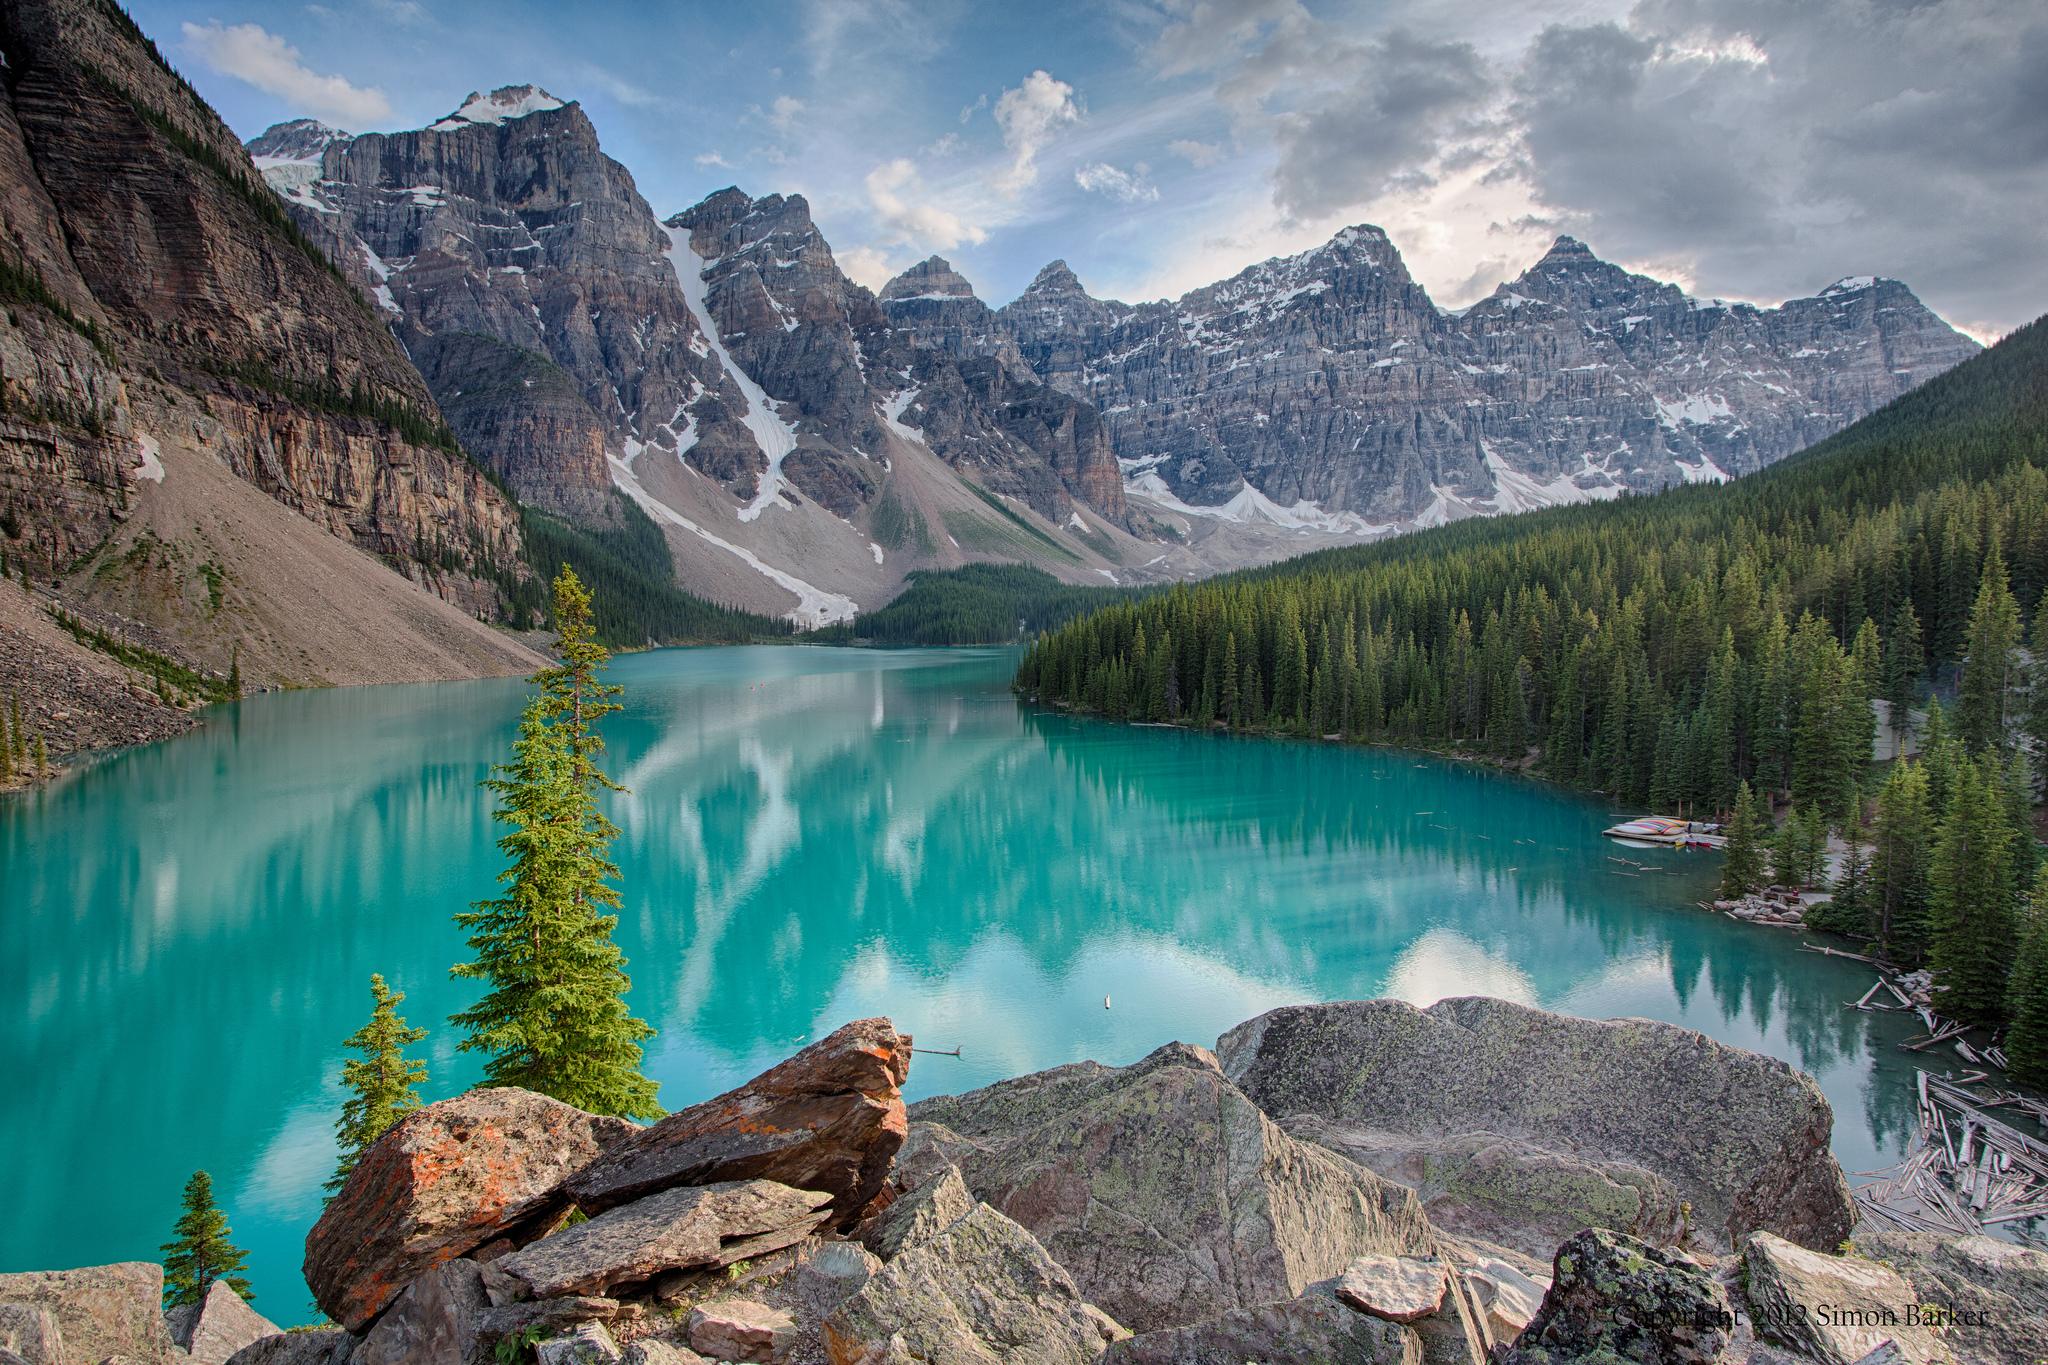 Il lago turchese del canada for Disegni di laghi